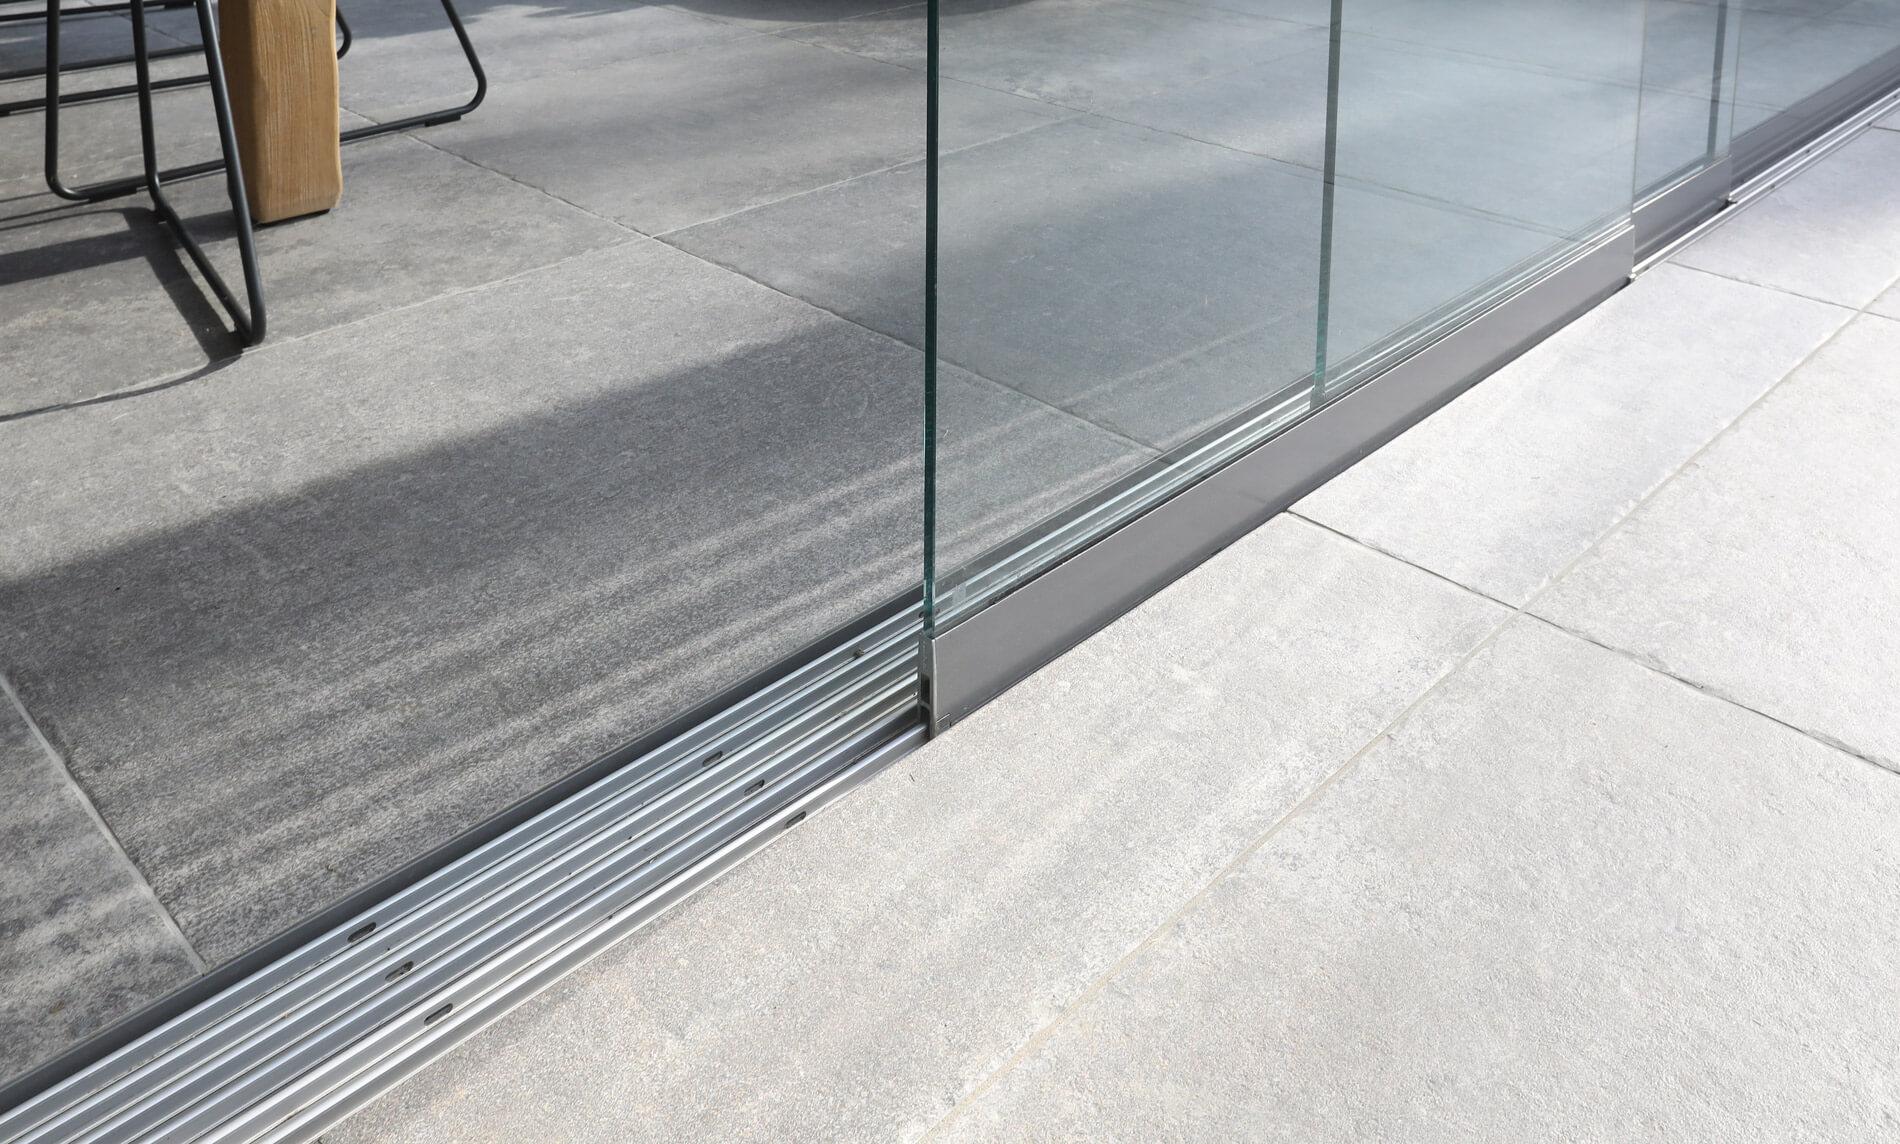 Glasschiebetür zwischen Wohnraum und Eingangsbereich